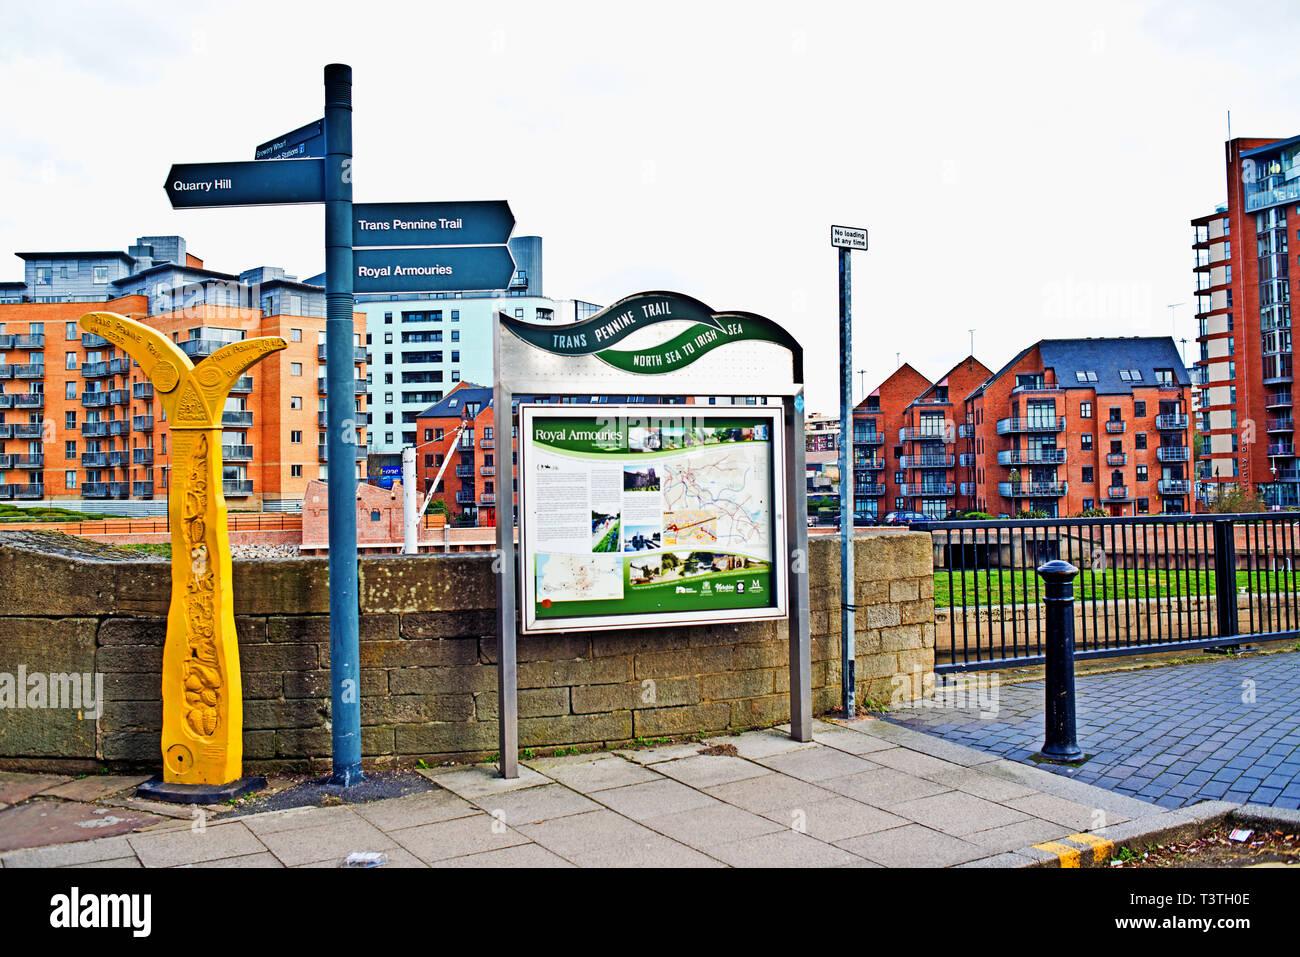 Transpennine Trail Information Sign, Leeds, England - Stock Image